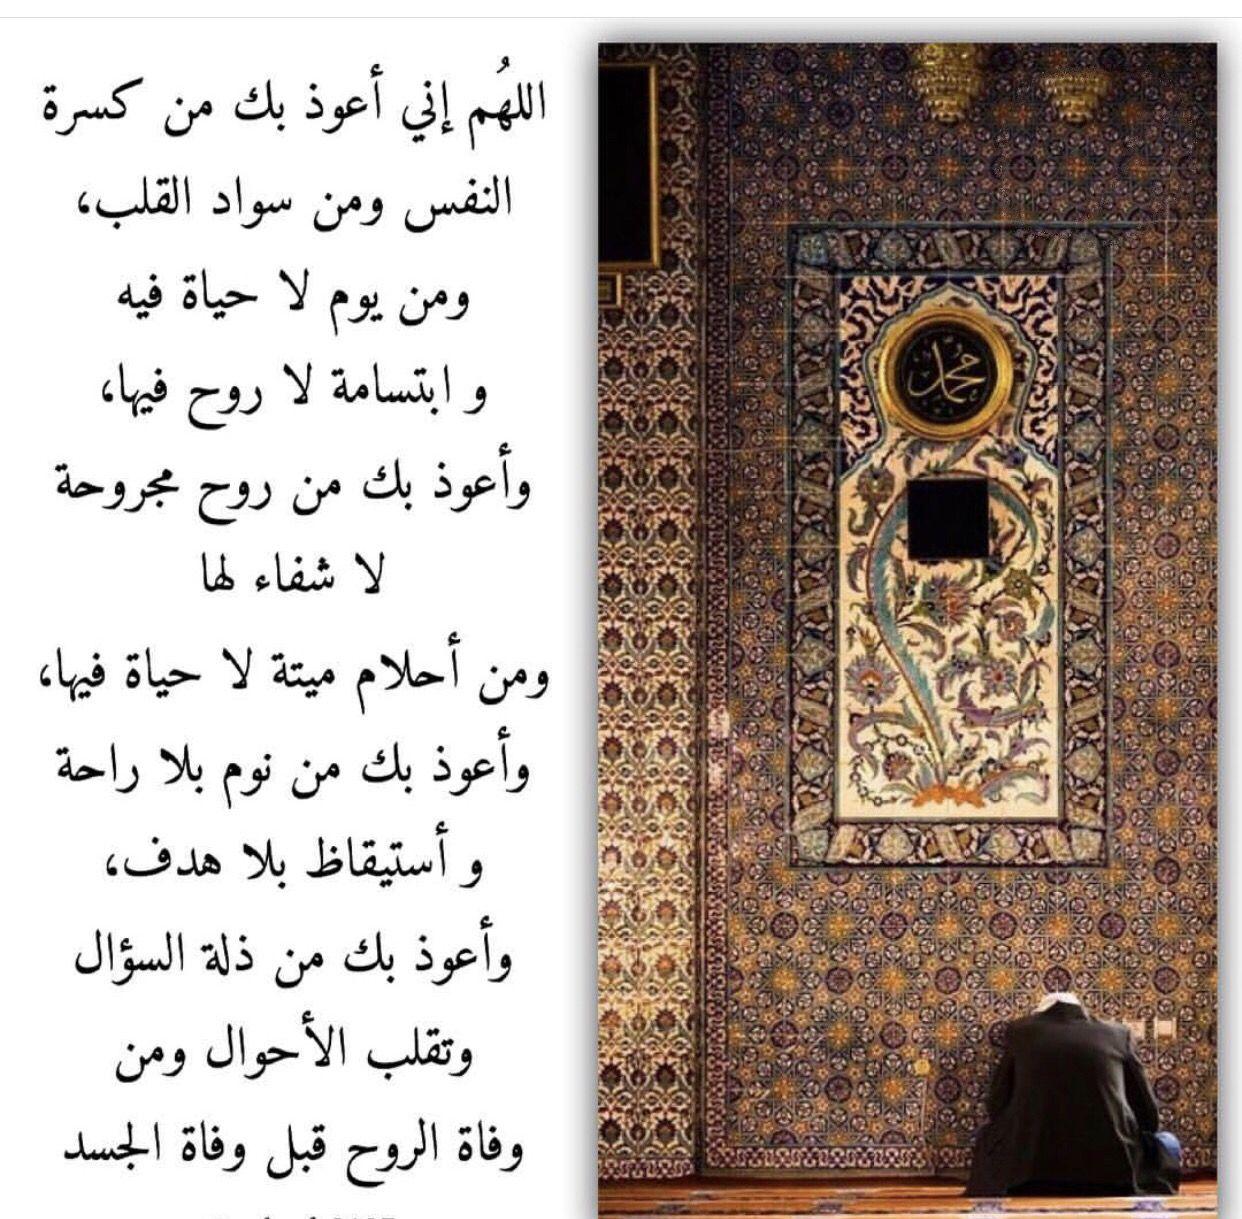 Pin By Basmah On بنوتات Islam Muslim Islam Hadith Duaa Islam